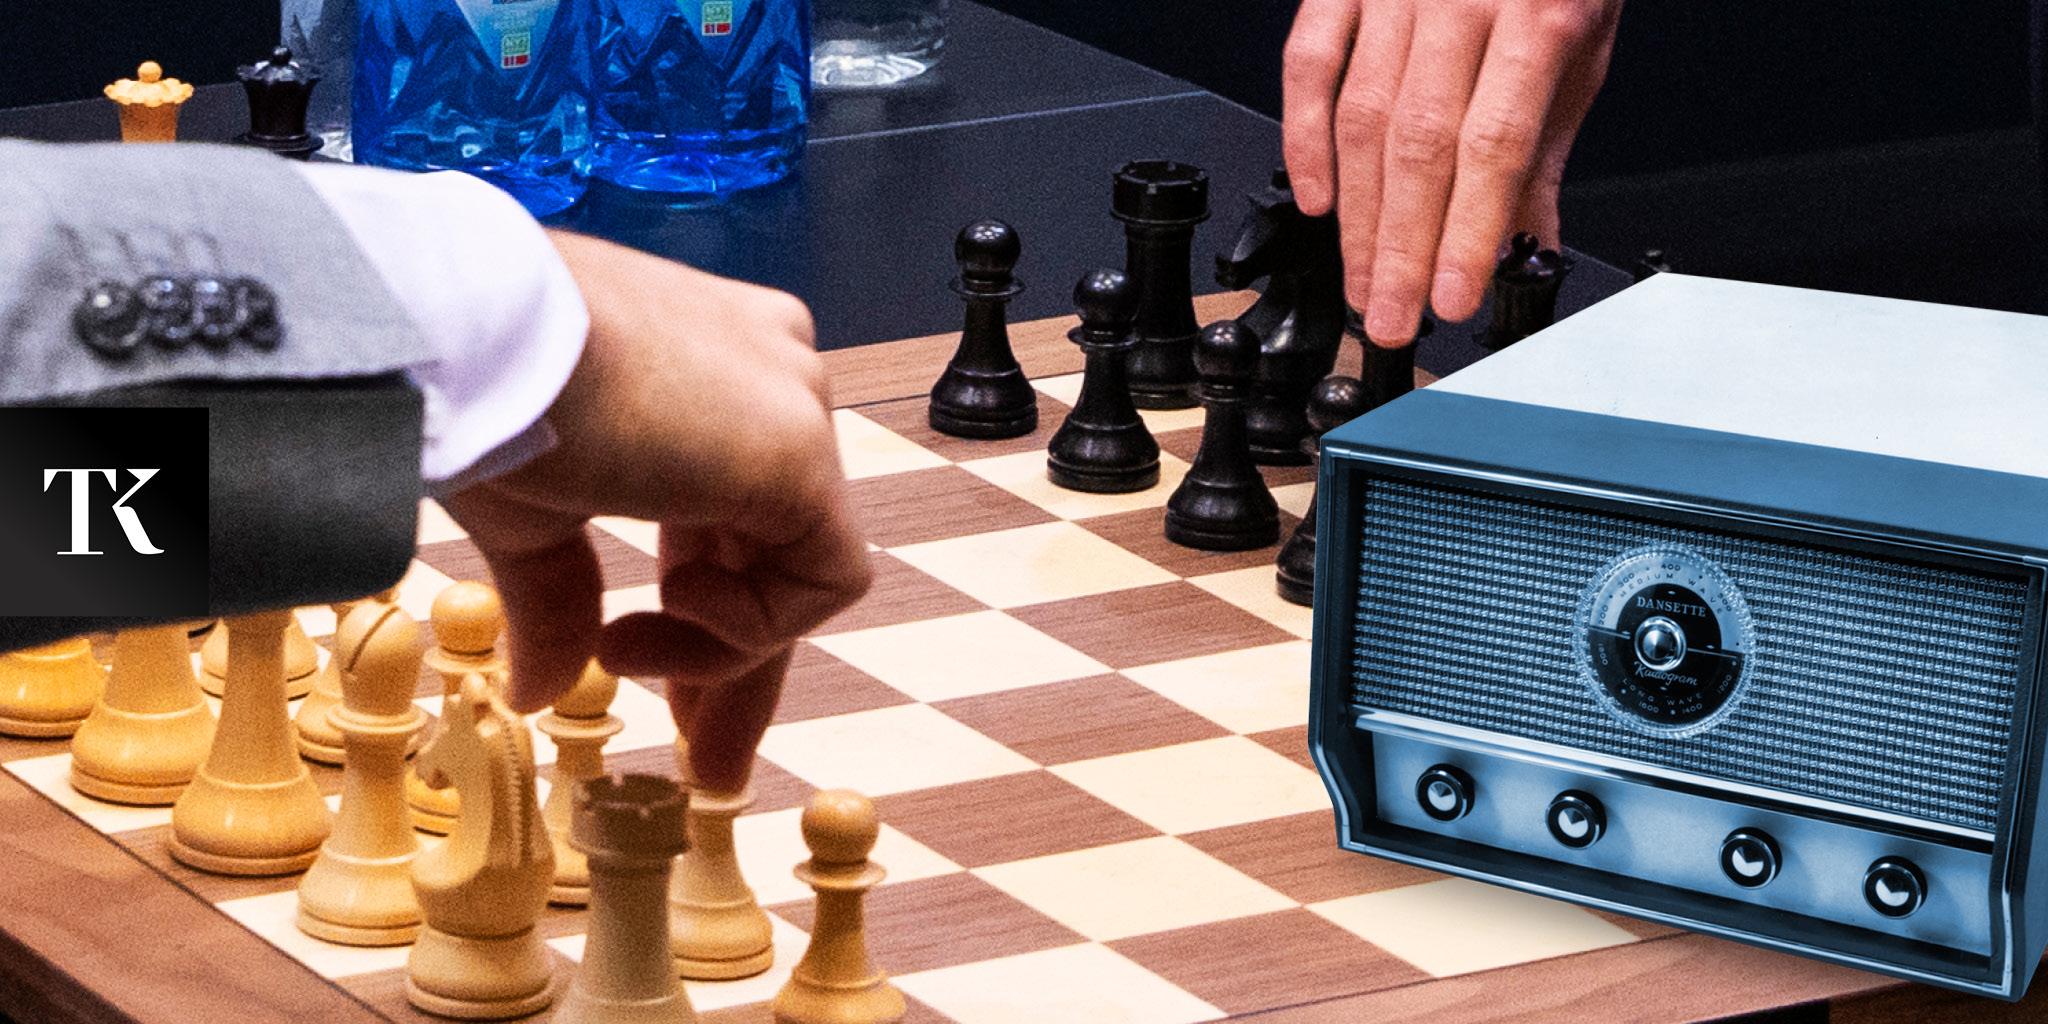 👑 Ігри в піддавки: чому радіостанціям УМХ (не)продовжують ліцензії